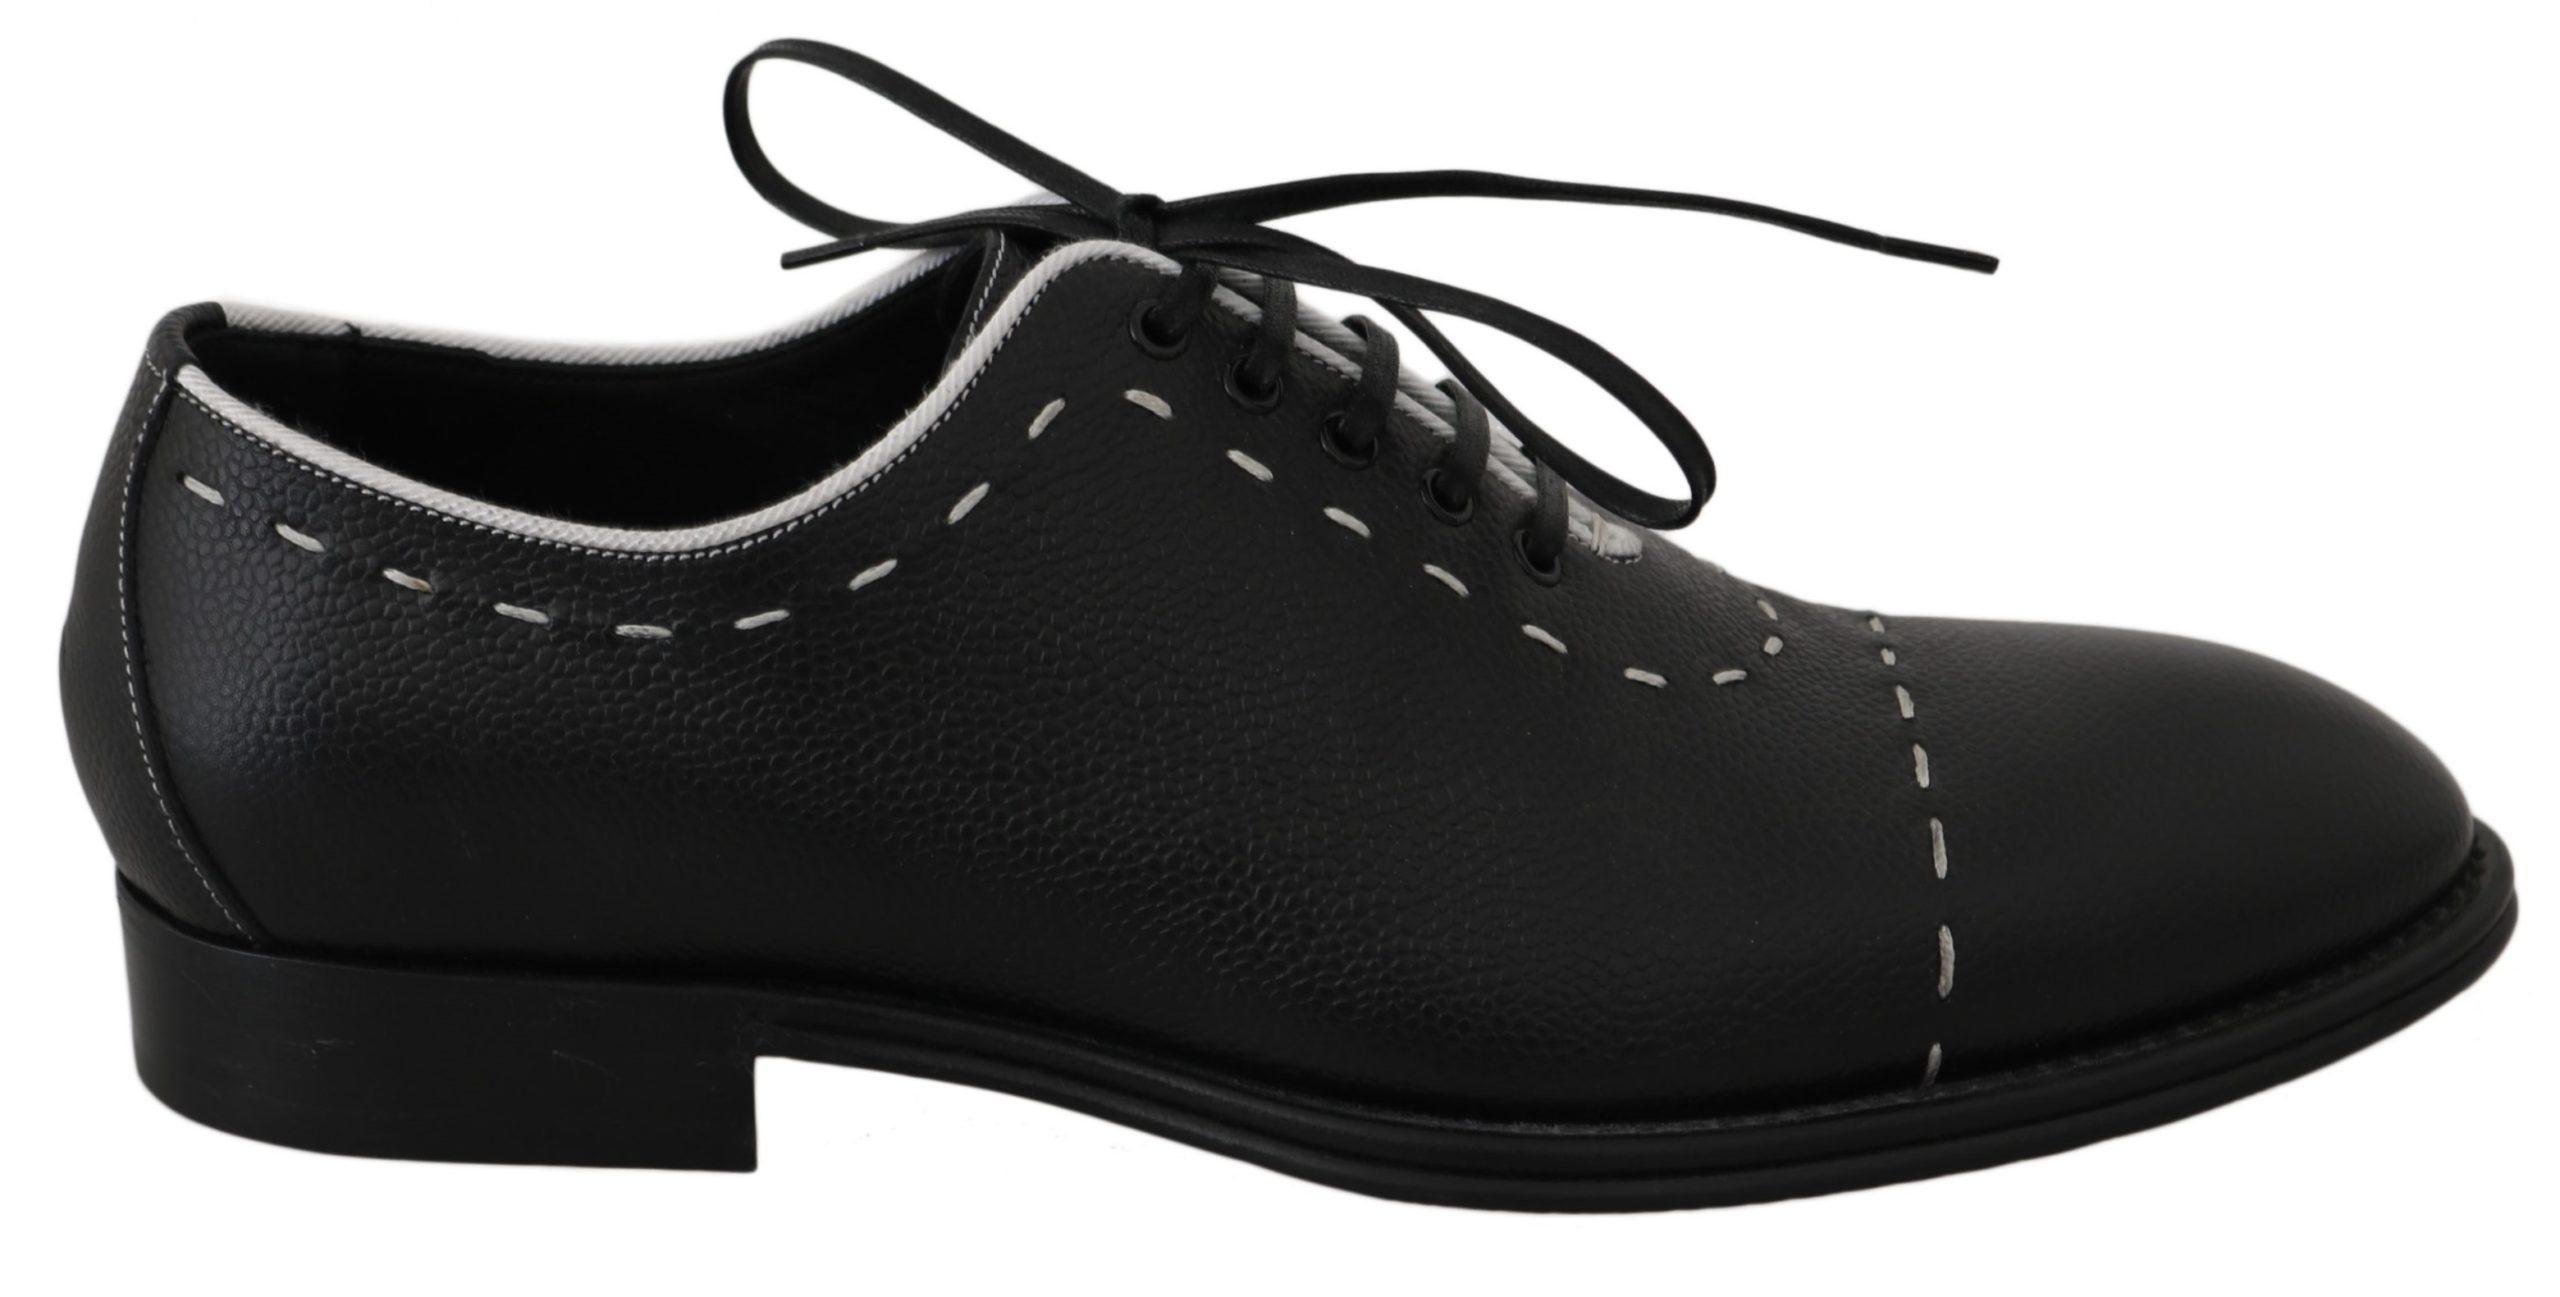 Dolce & Gabbana Men's Shoes Black MV2372 - EU39/US6